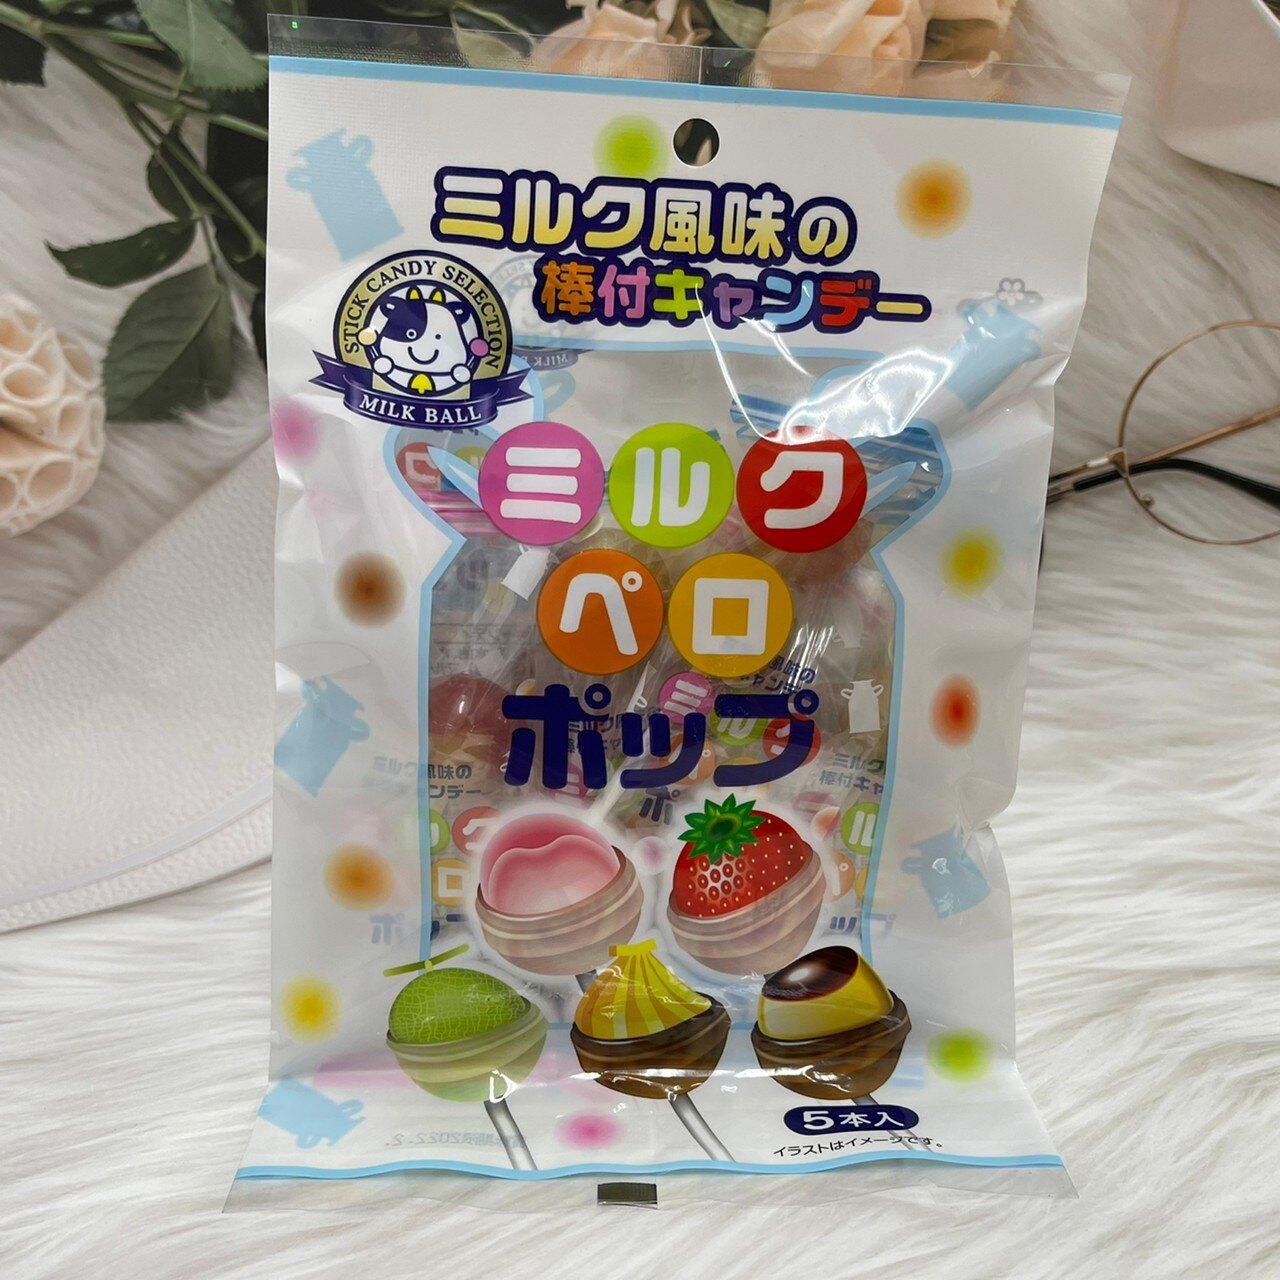 日本 秋山 綜合水果牛奶棒棒糖 50g 5本入 白桃/草莓/哈密瓜/香蕉/布丁 五種口味